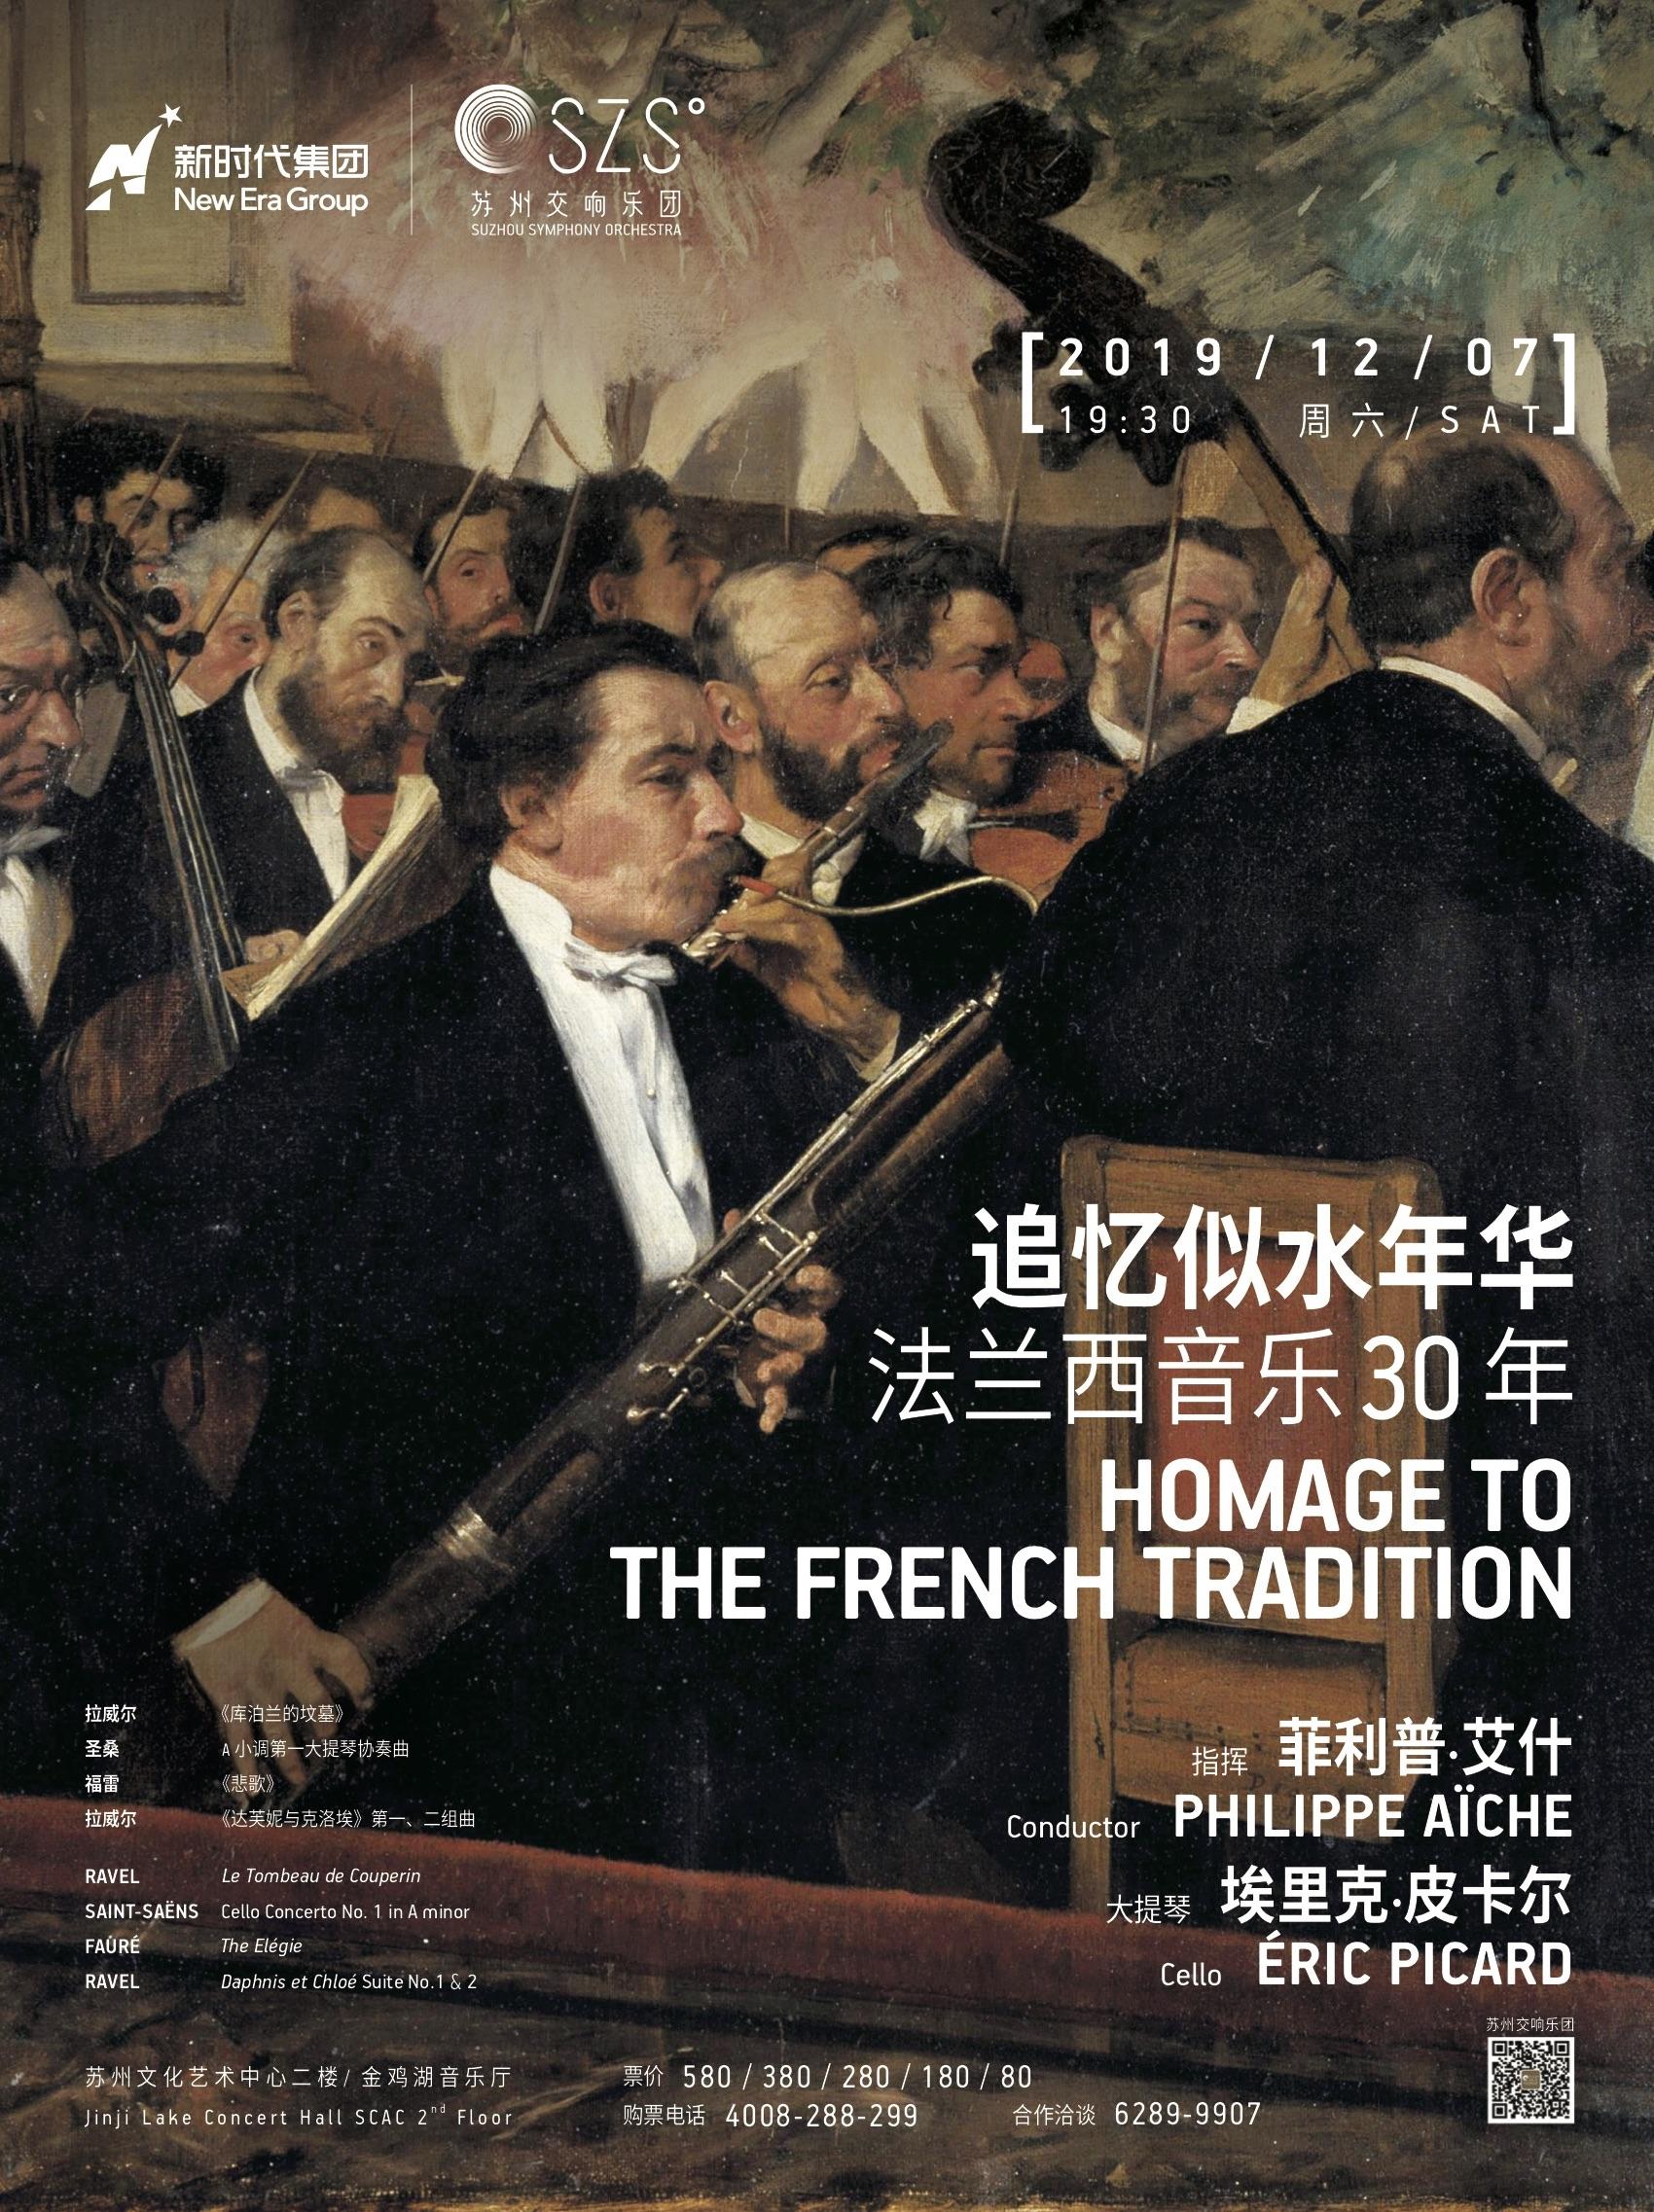 苏州交响乐团2019-20音乐季 追忆似水年华——法兰西音乐30 年